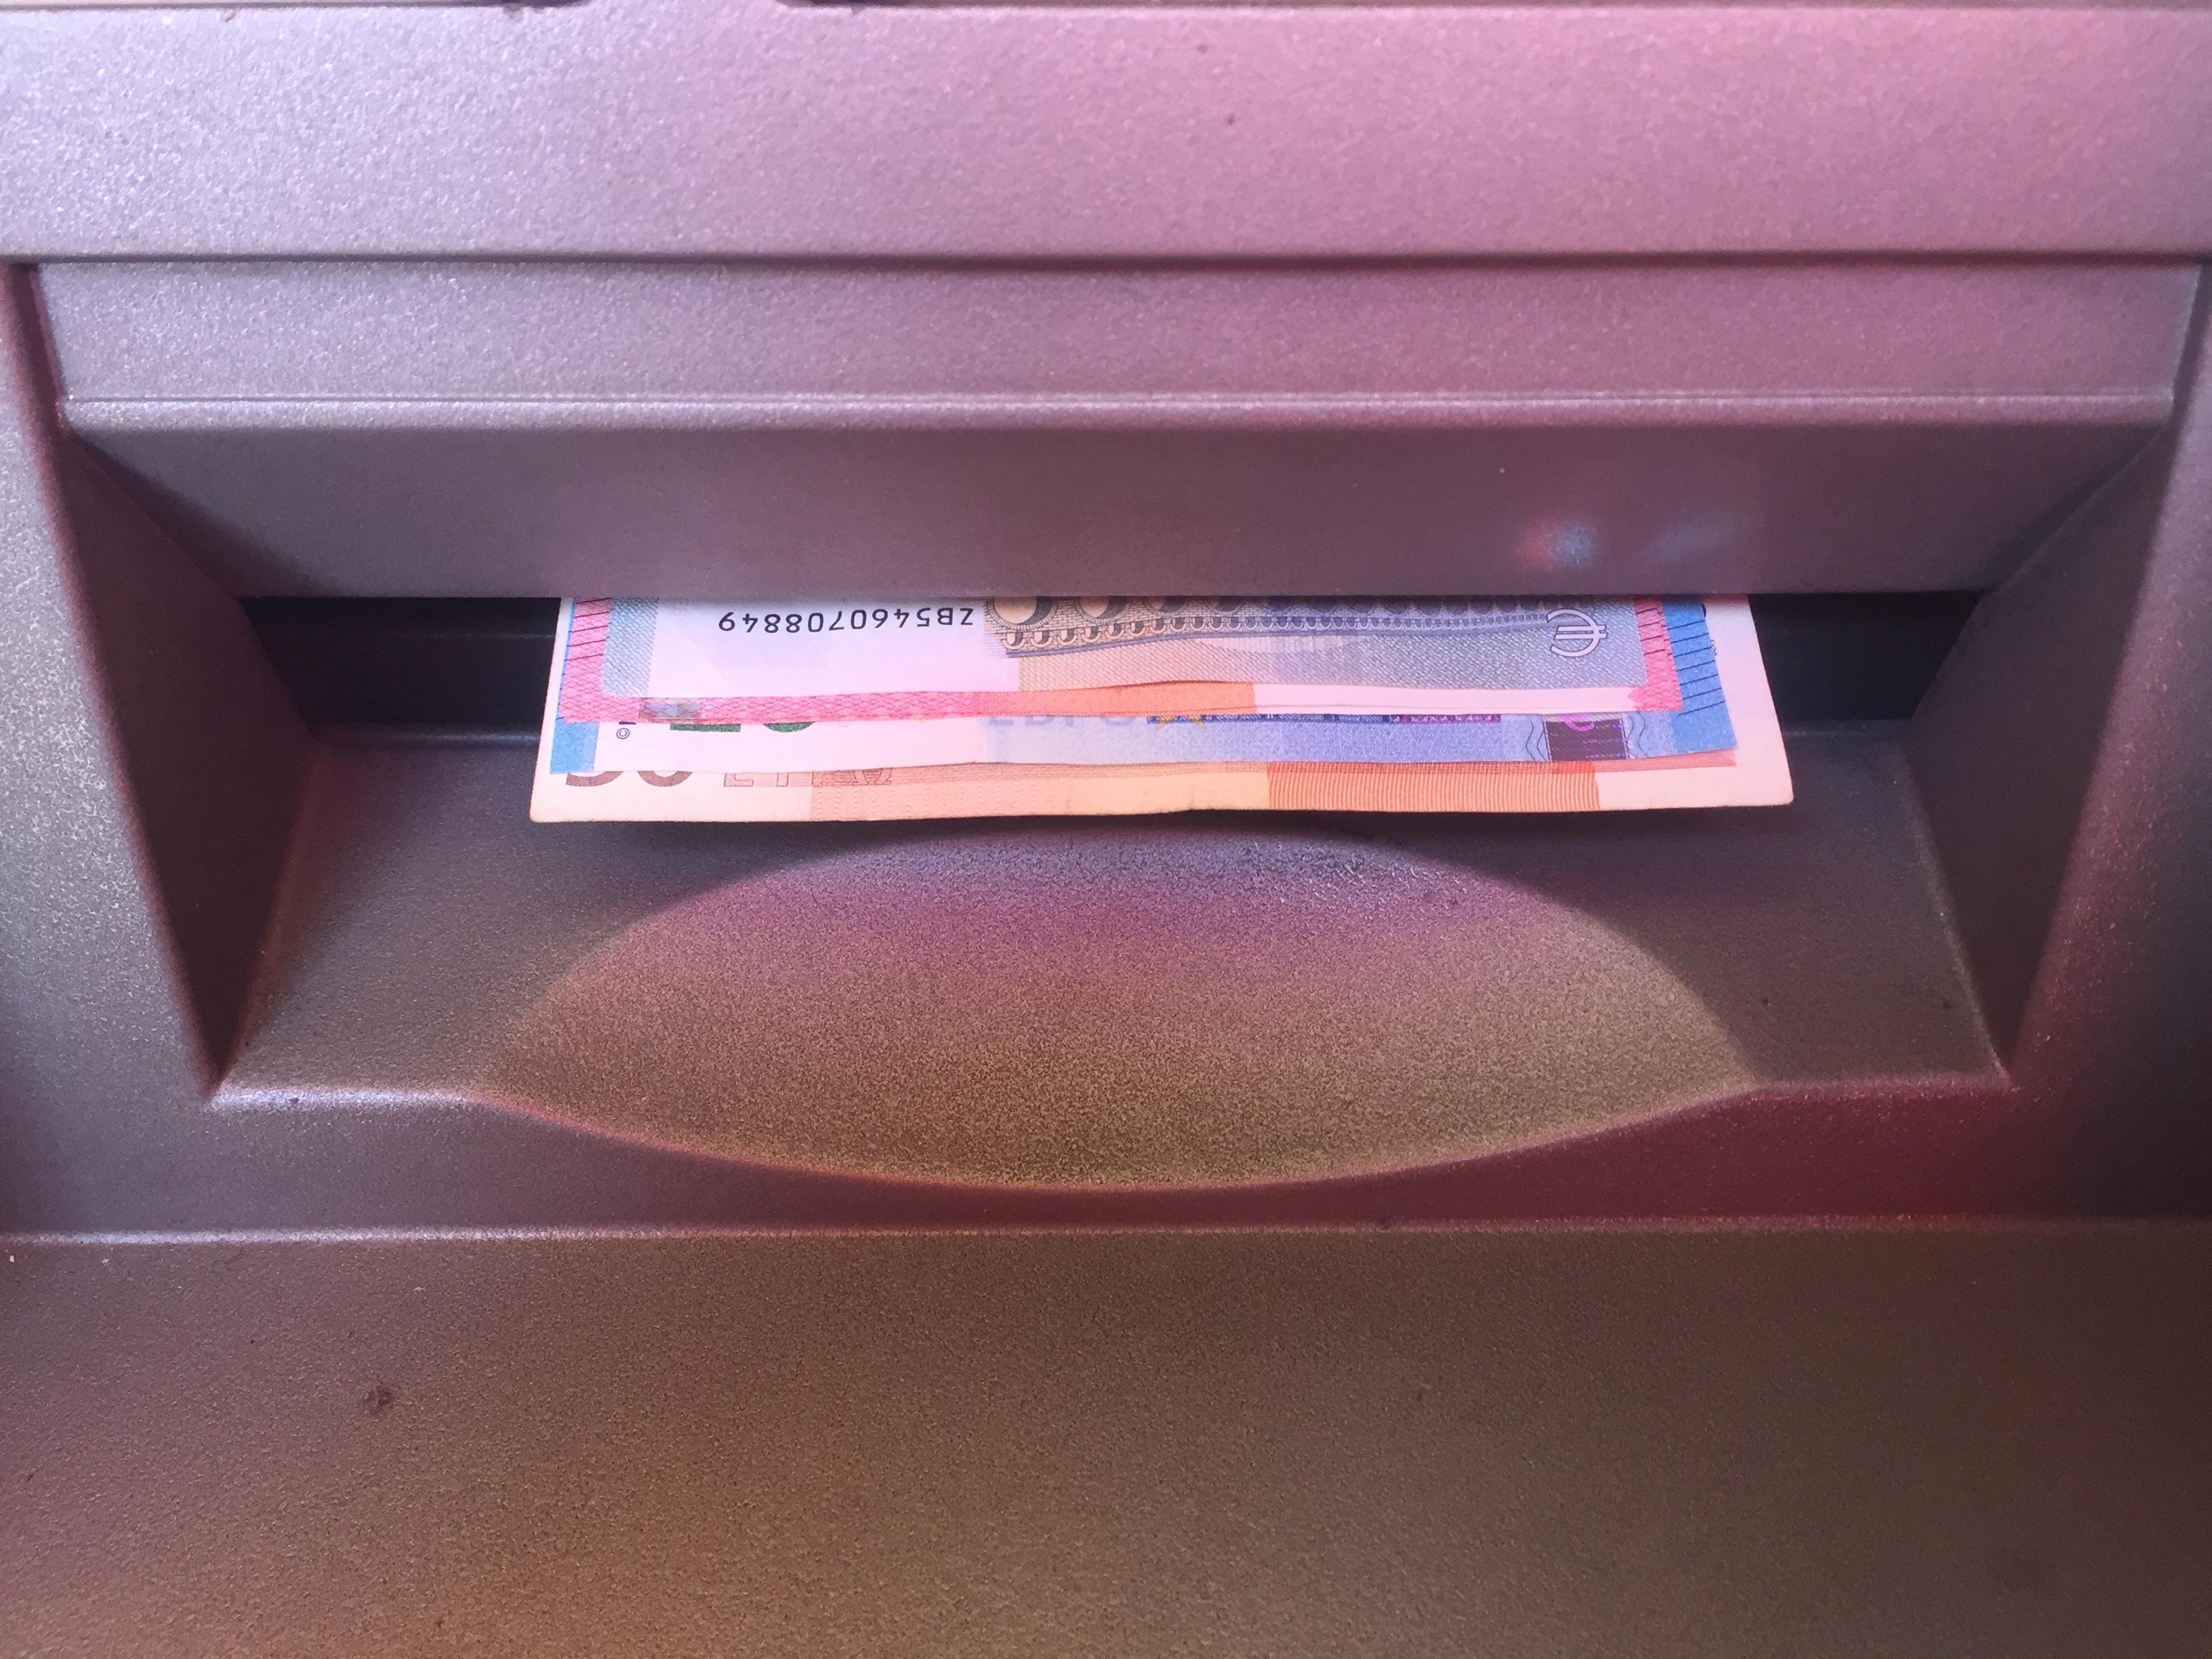 Atm Möbel kostenlose foto farbe möbel rosa geldautomat automatisch